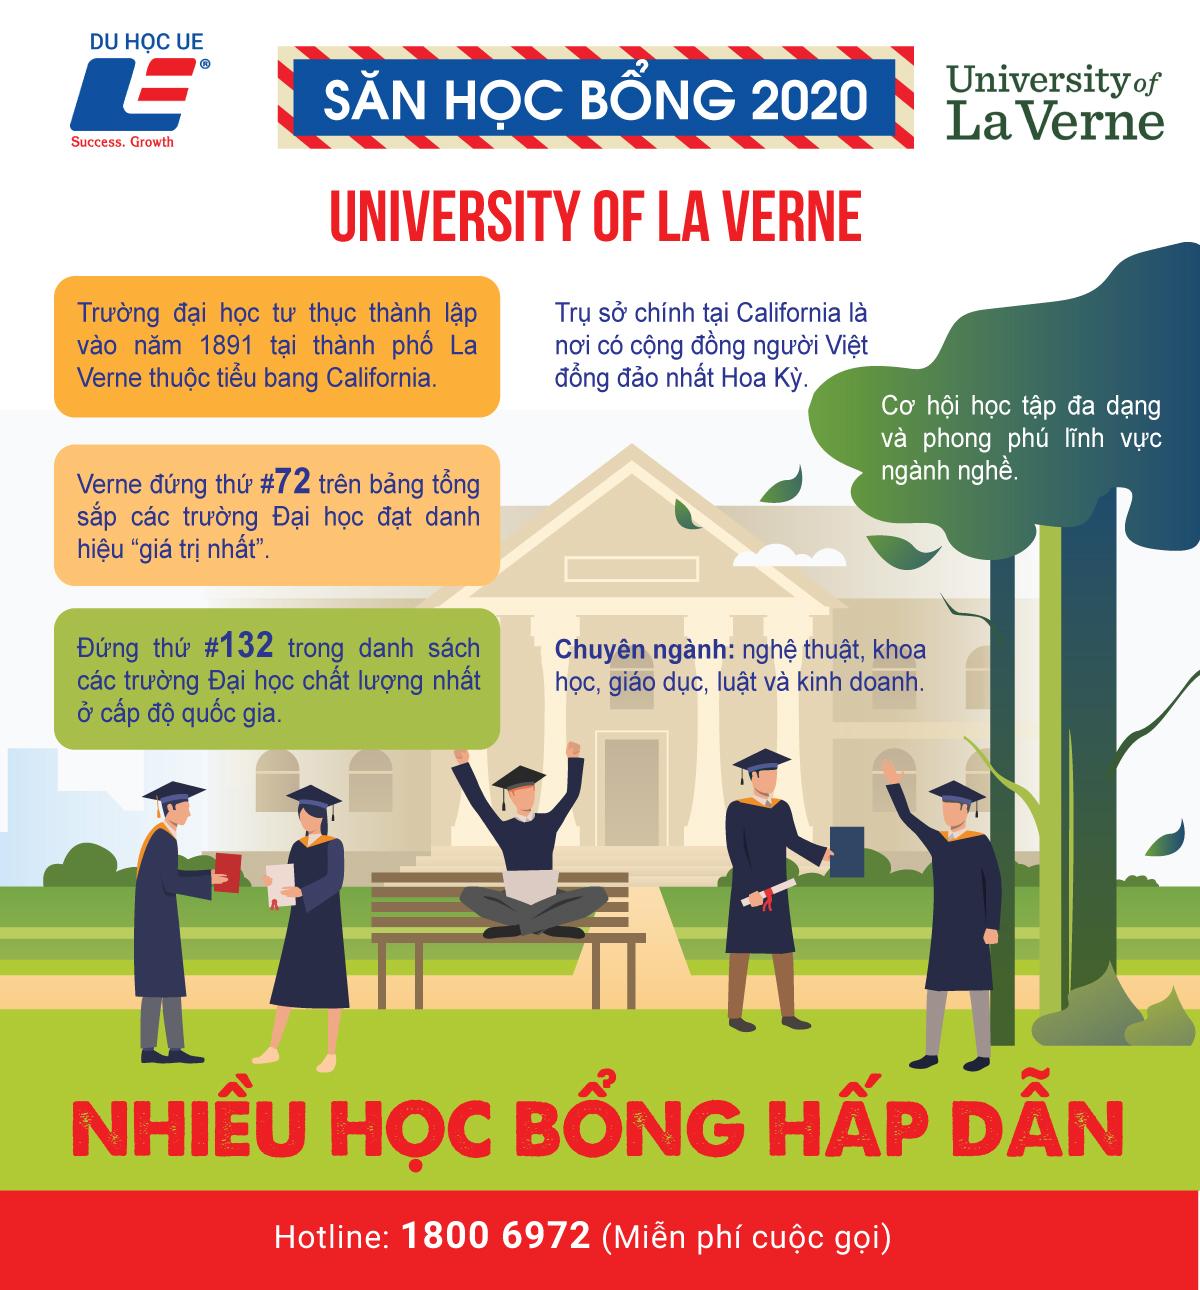 Chinh phục học bổng $25.000 từ University Of La Verne 2